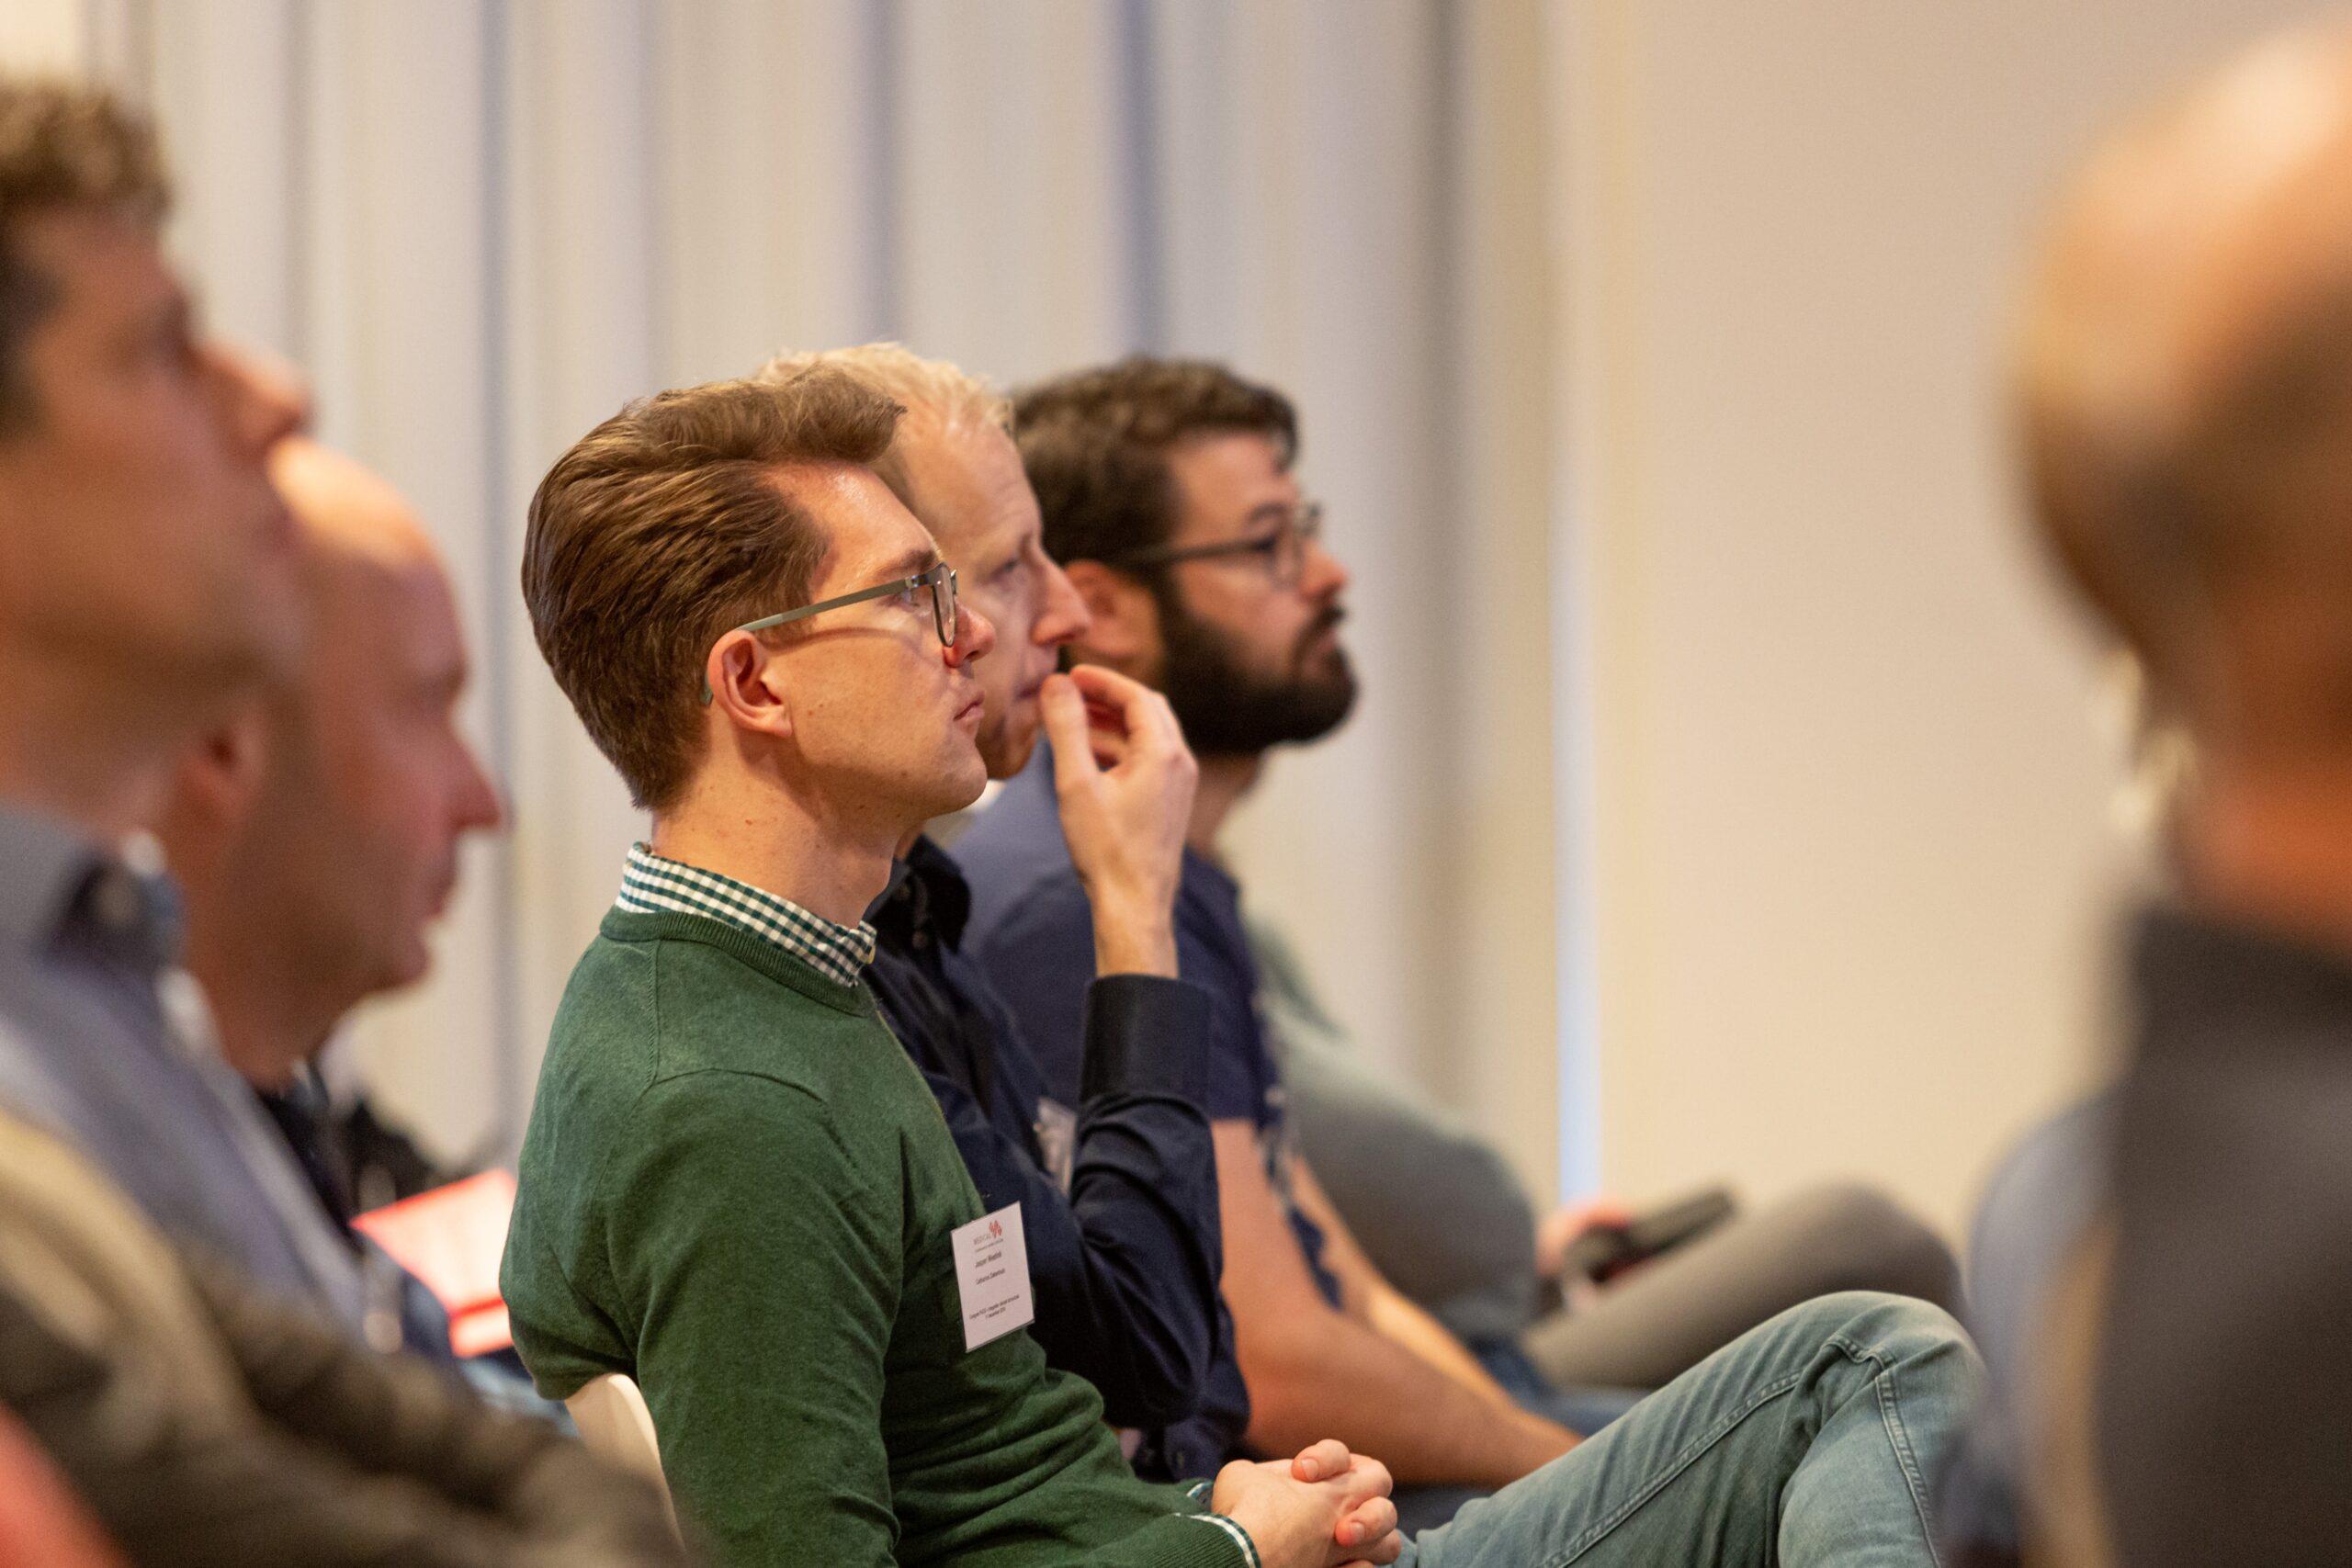 vijf mannen op een rij die luisteren naar een cursusleider